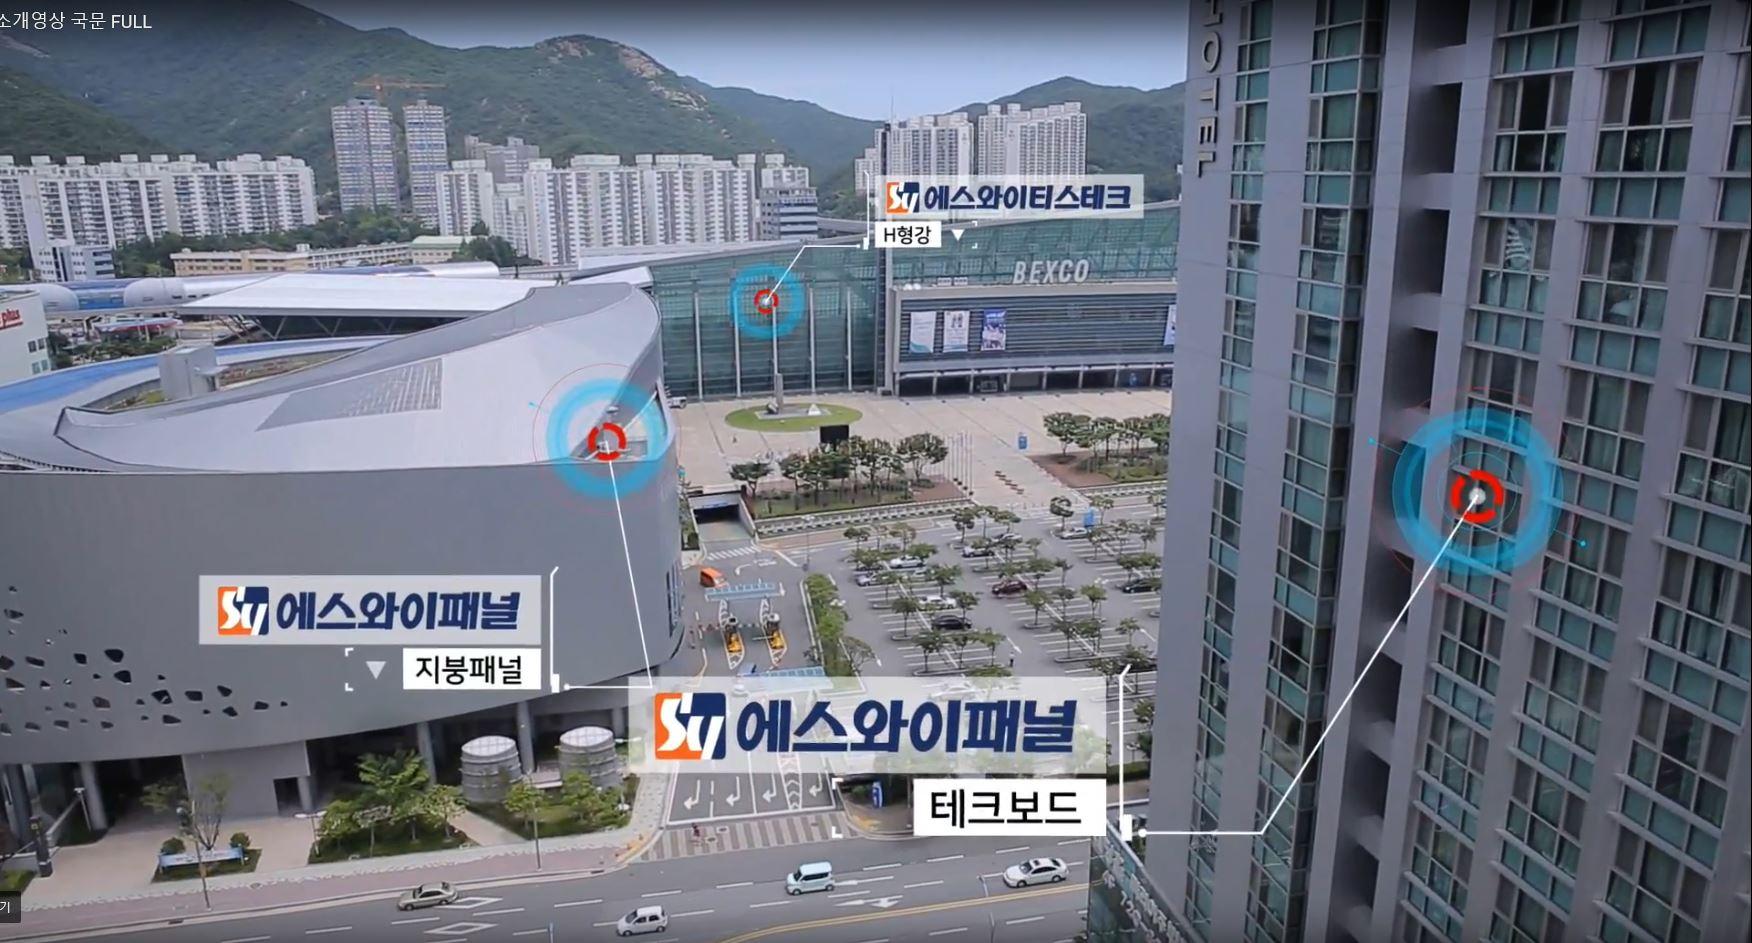 2017 에스와이그룹 제품소개영상 Full(국문)